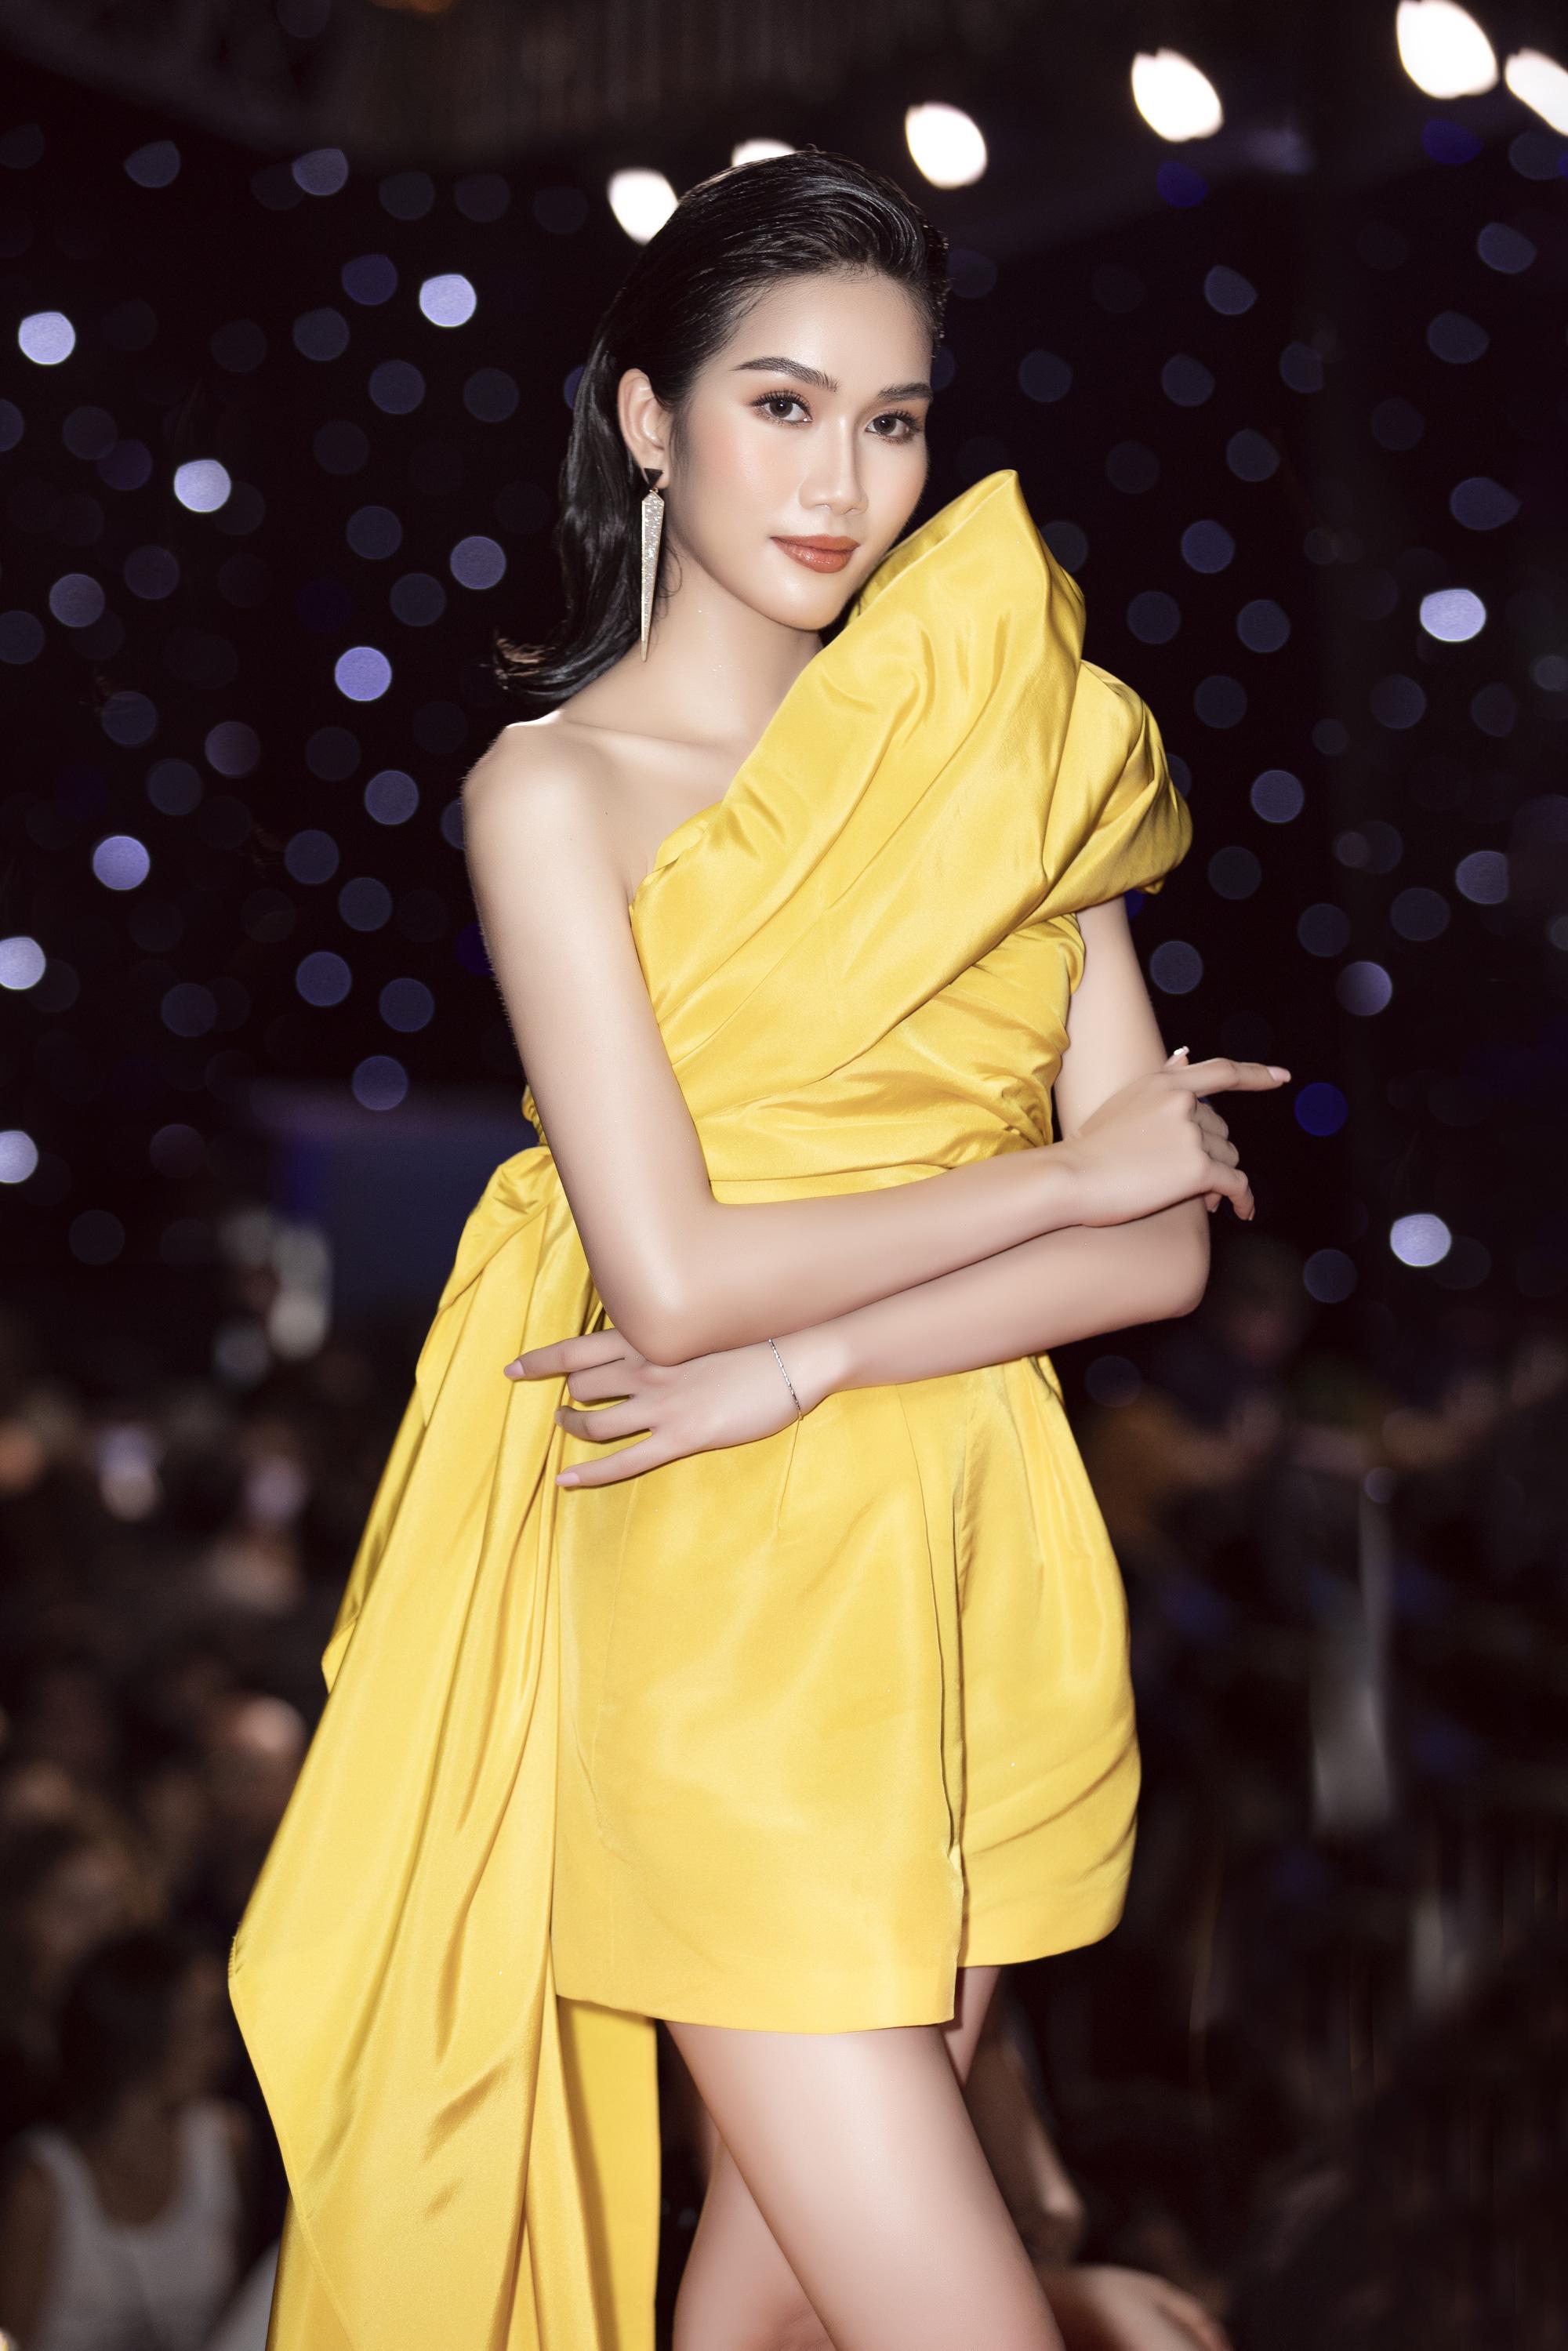 """Trần Tiểu Vy, """"mỹ nhân Cao Bằng chân dài 1m22""""... gây """"sốt"""" nhờ váy gợi cảm đẹp tựa nữ thần  - Ảnh 9."""